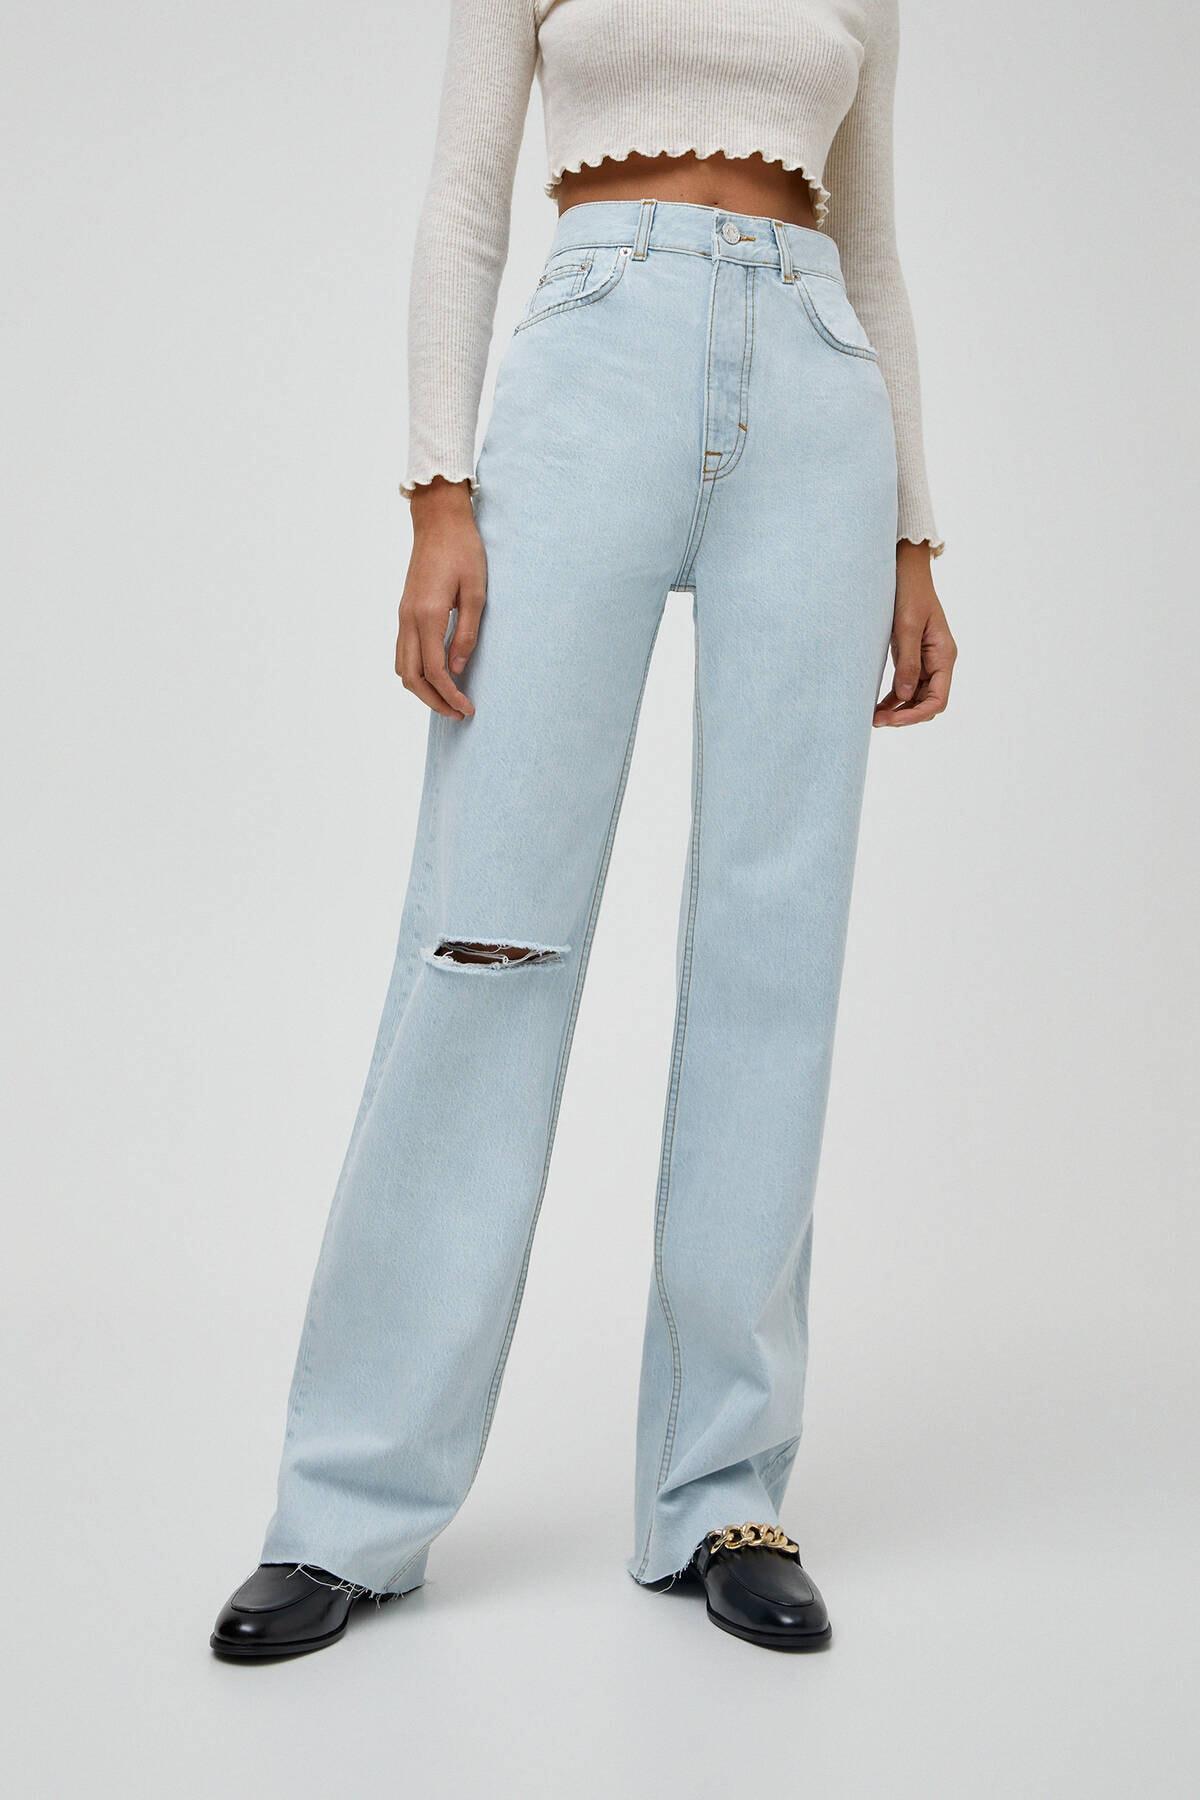 Pull & Bear Kadın Açık Mavi Yüksek Bel Straight Fit Jean 04681313 2